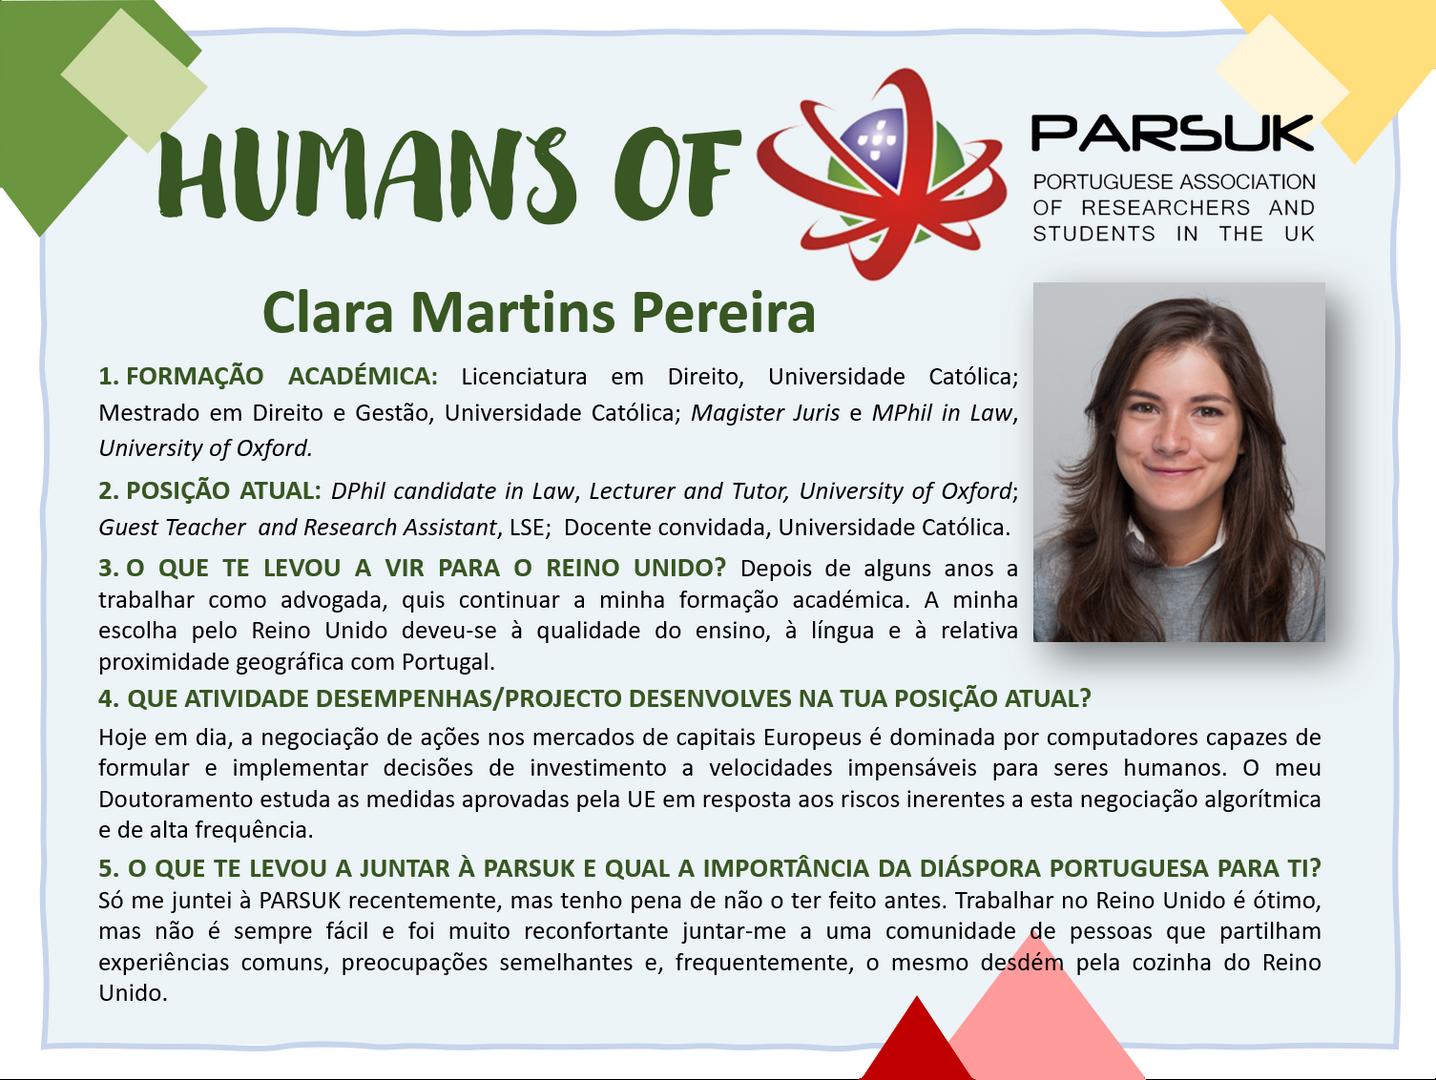 22.Clara Martins Pereira.png